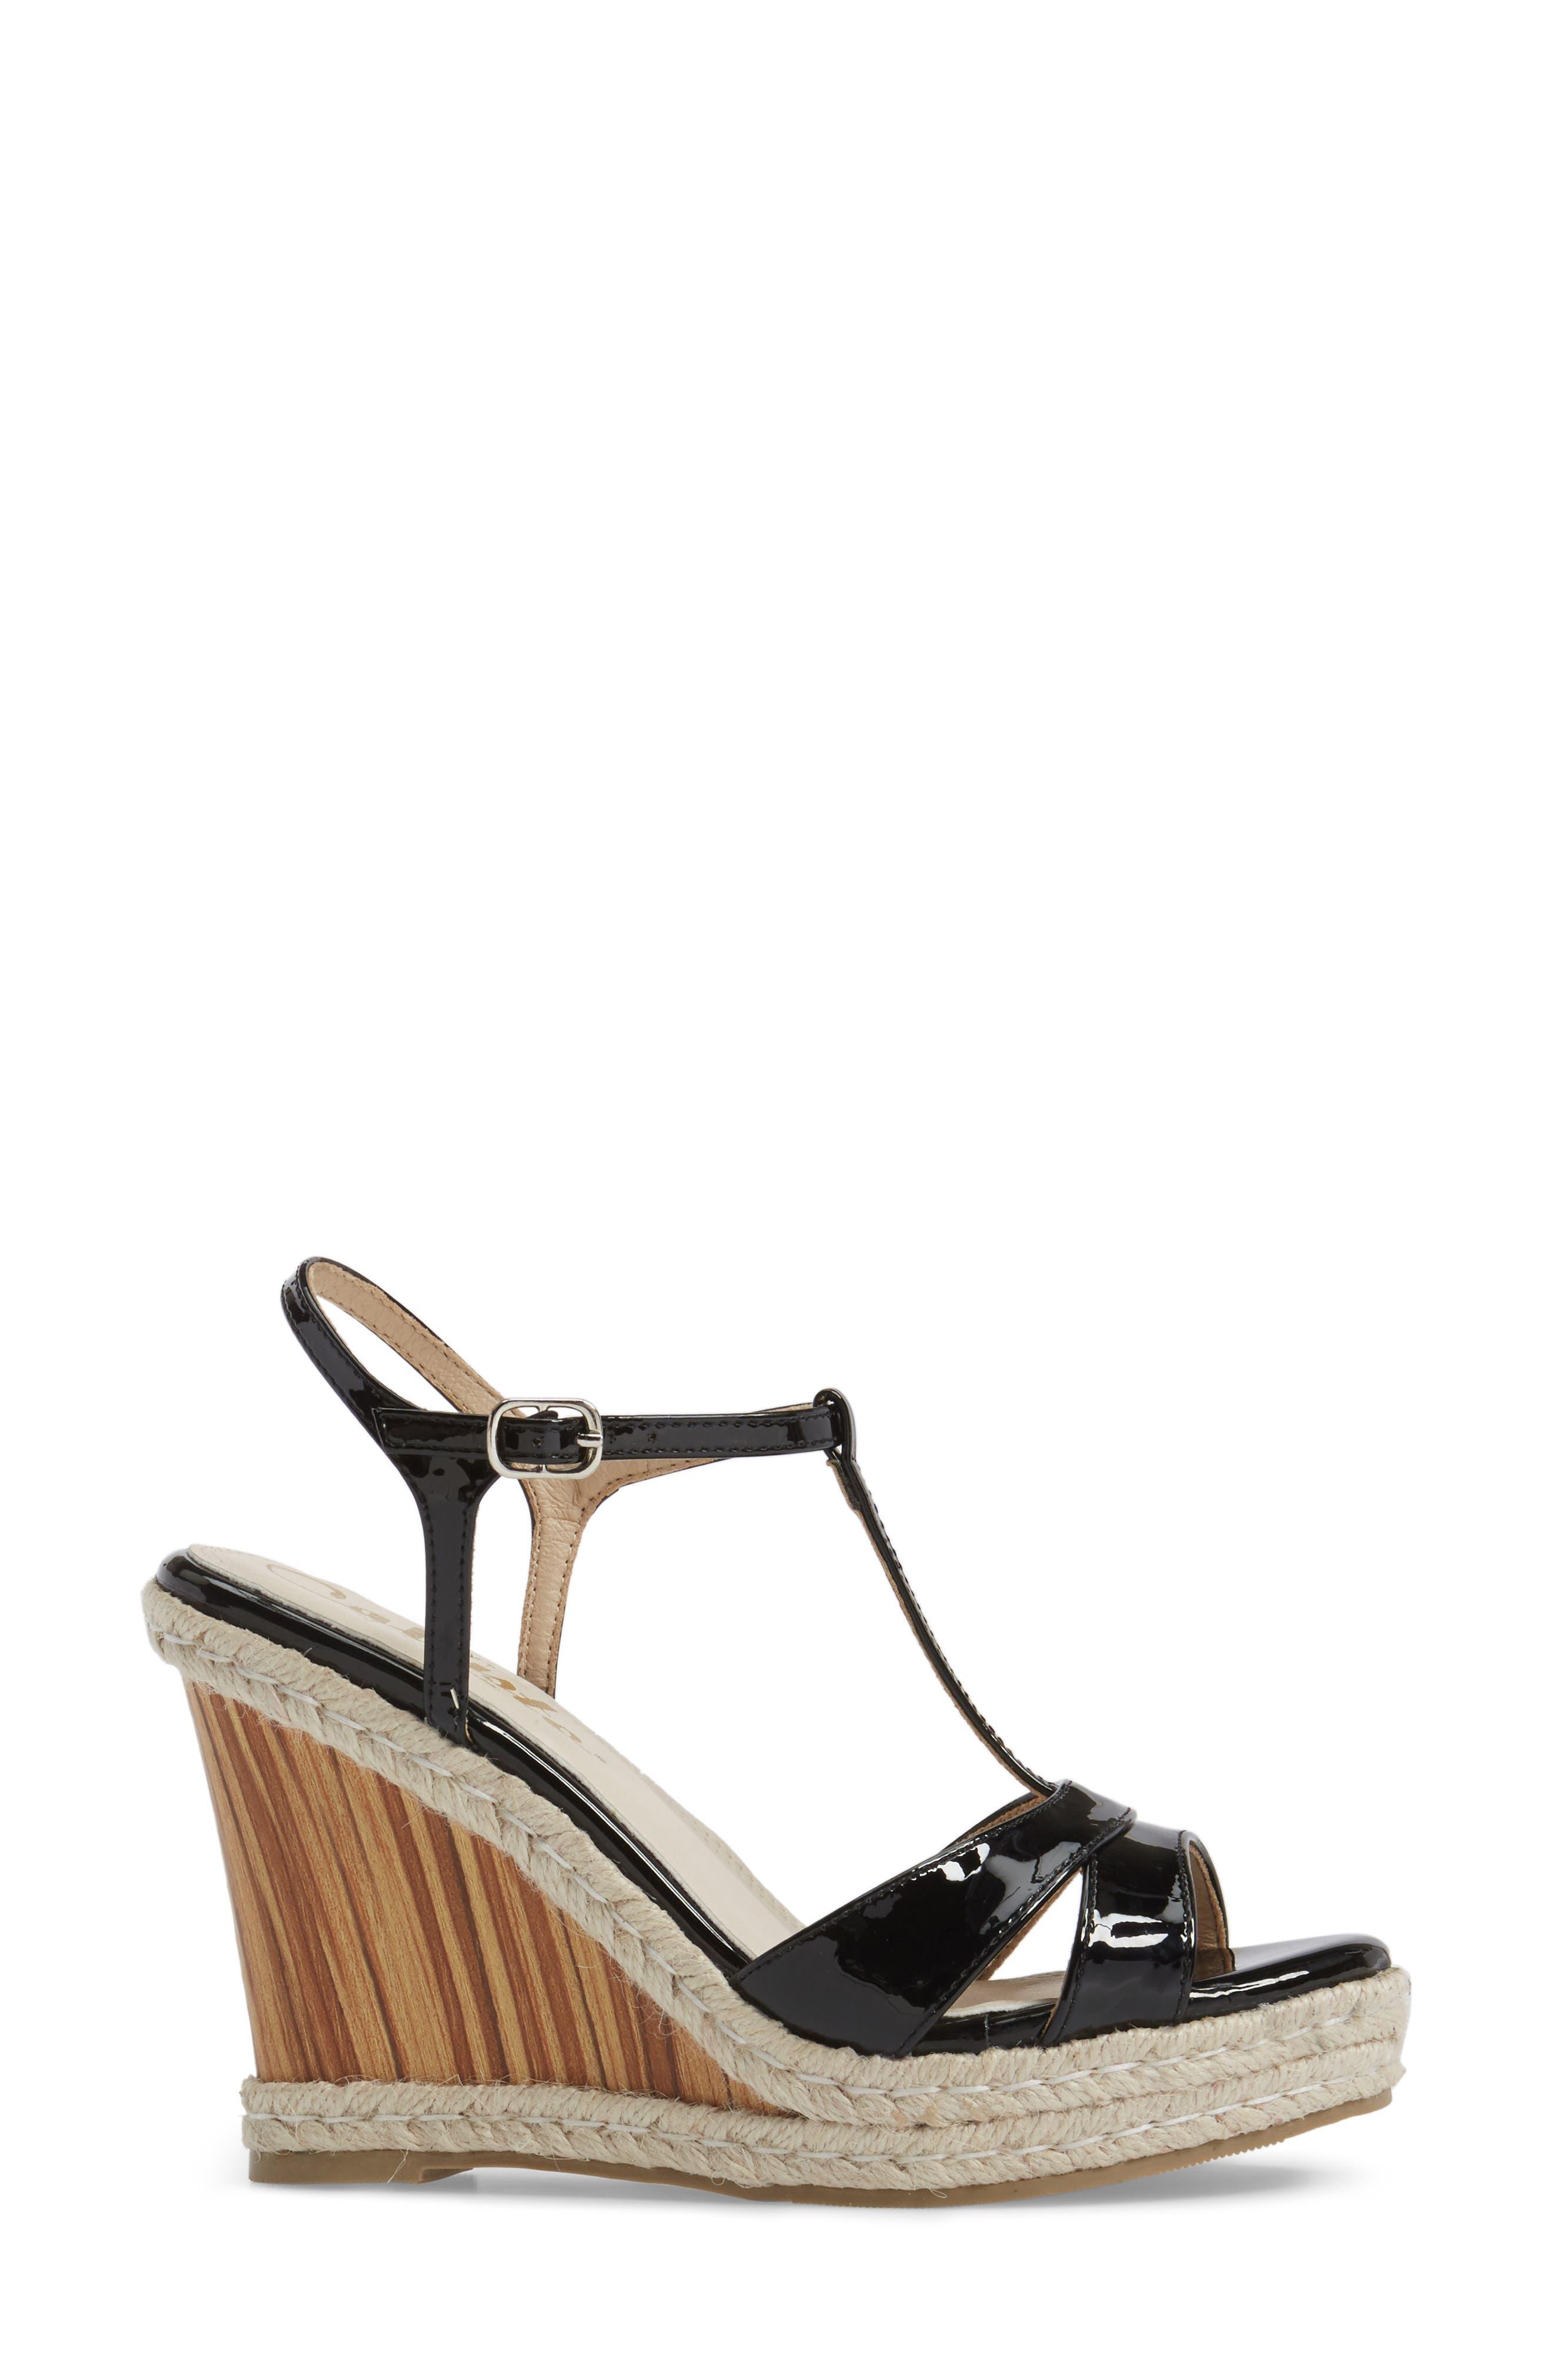 Alinna T-Strap Wedge Sandal,                             Alternate thumbnail 3, color,                             002